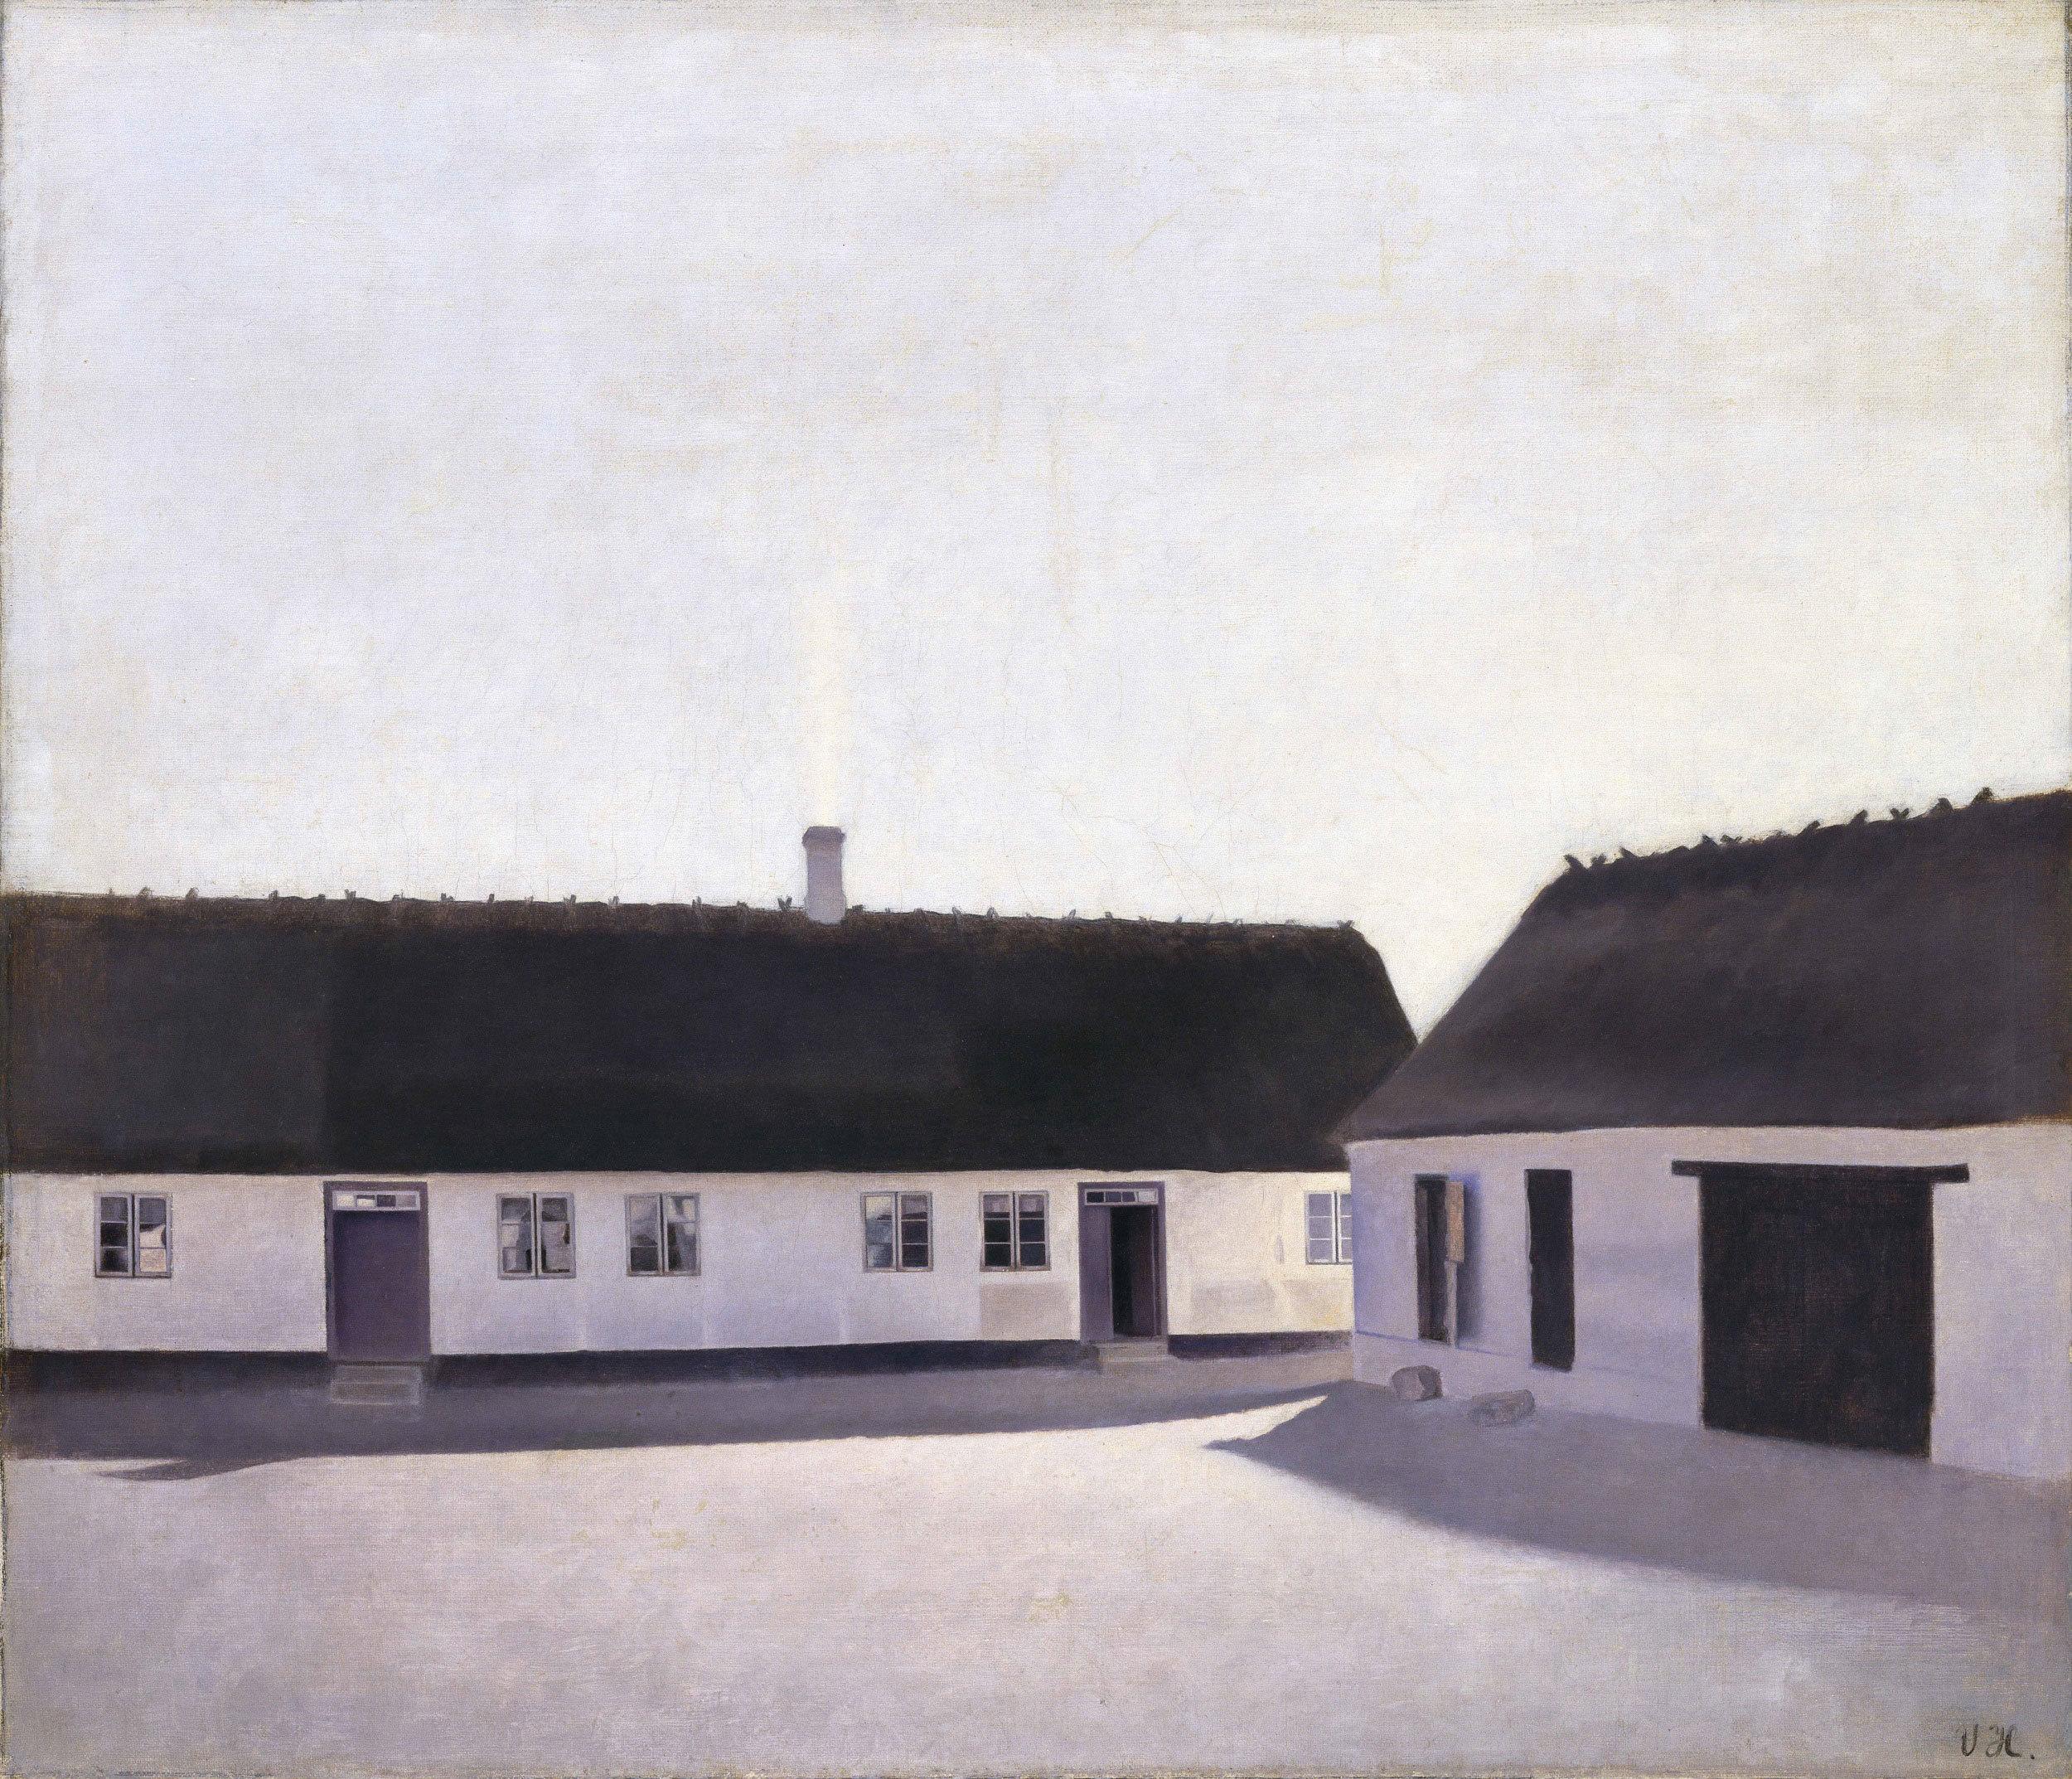 ヴィルヘルム・ハマスホイ 《農場の家屋、レスネス》 1900年 デーヴィズ・コレクション蔵 The David Collection, Copenhagen